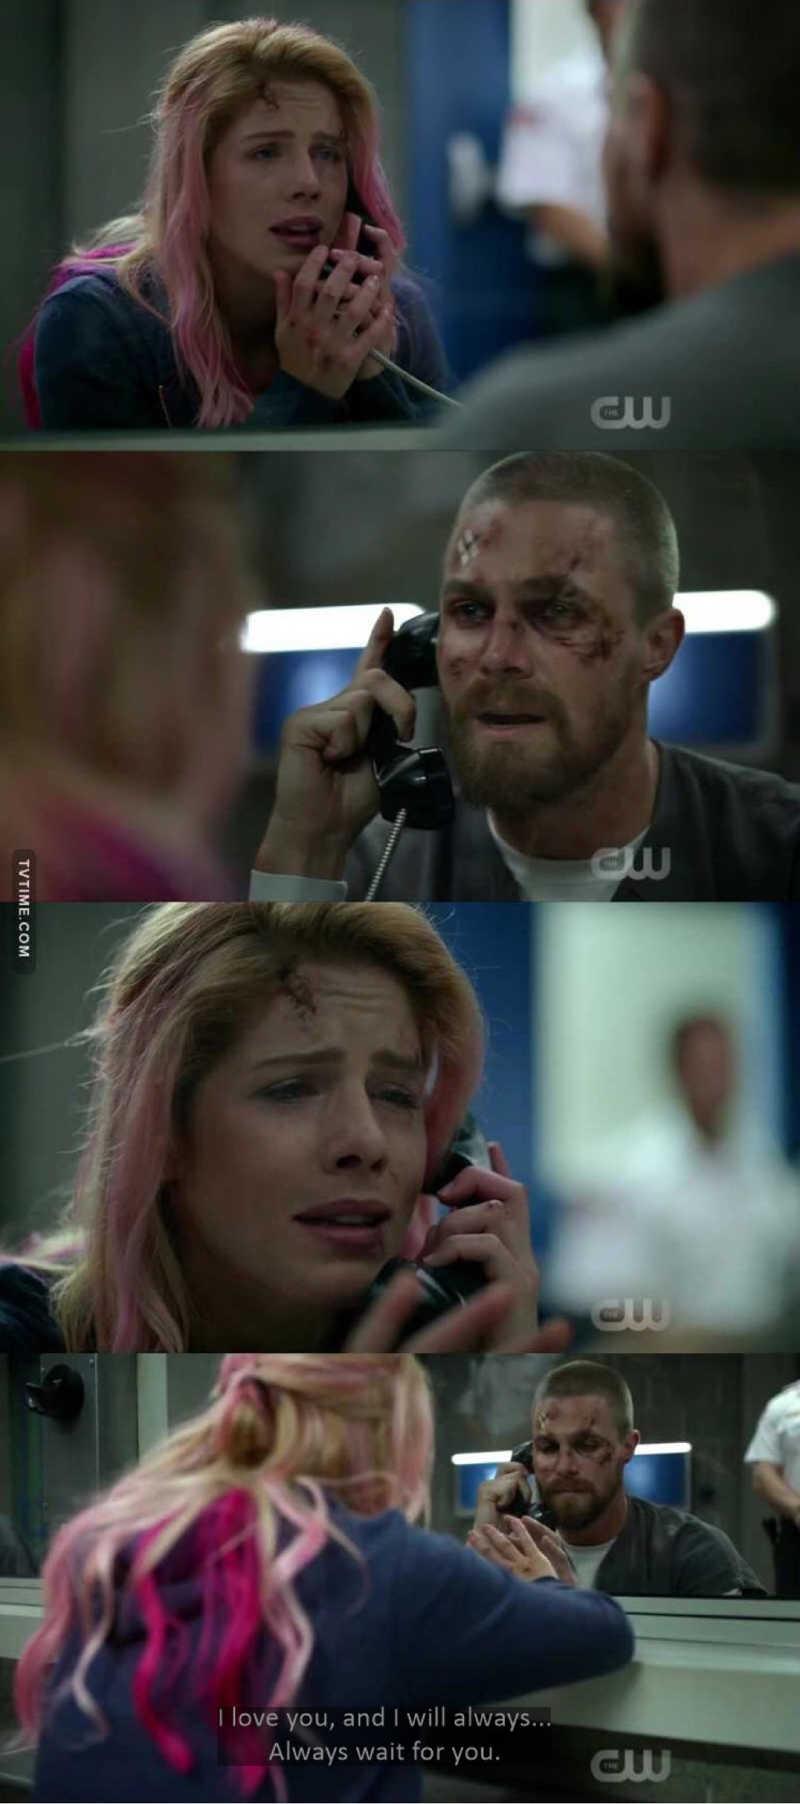 such a heartbreaking scene, poor babies 💔